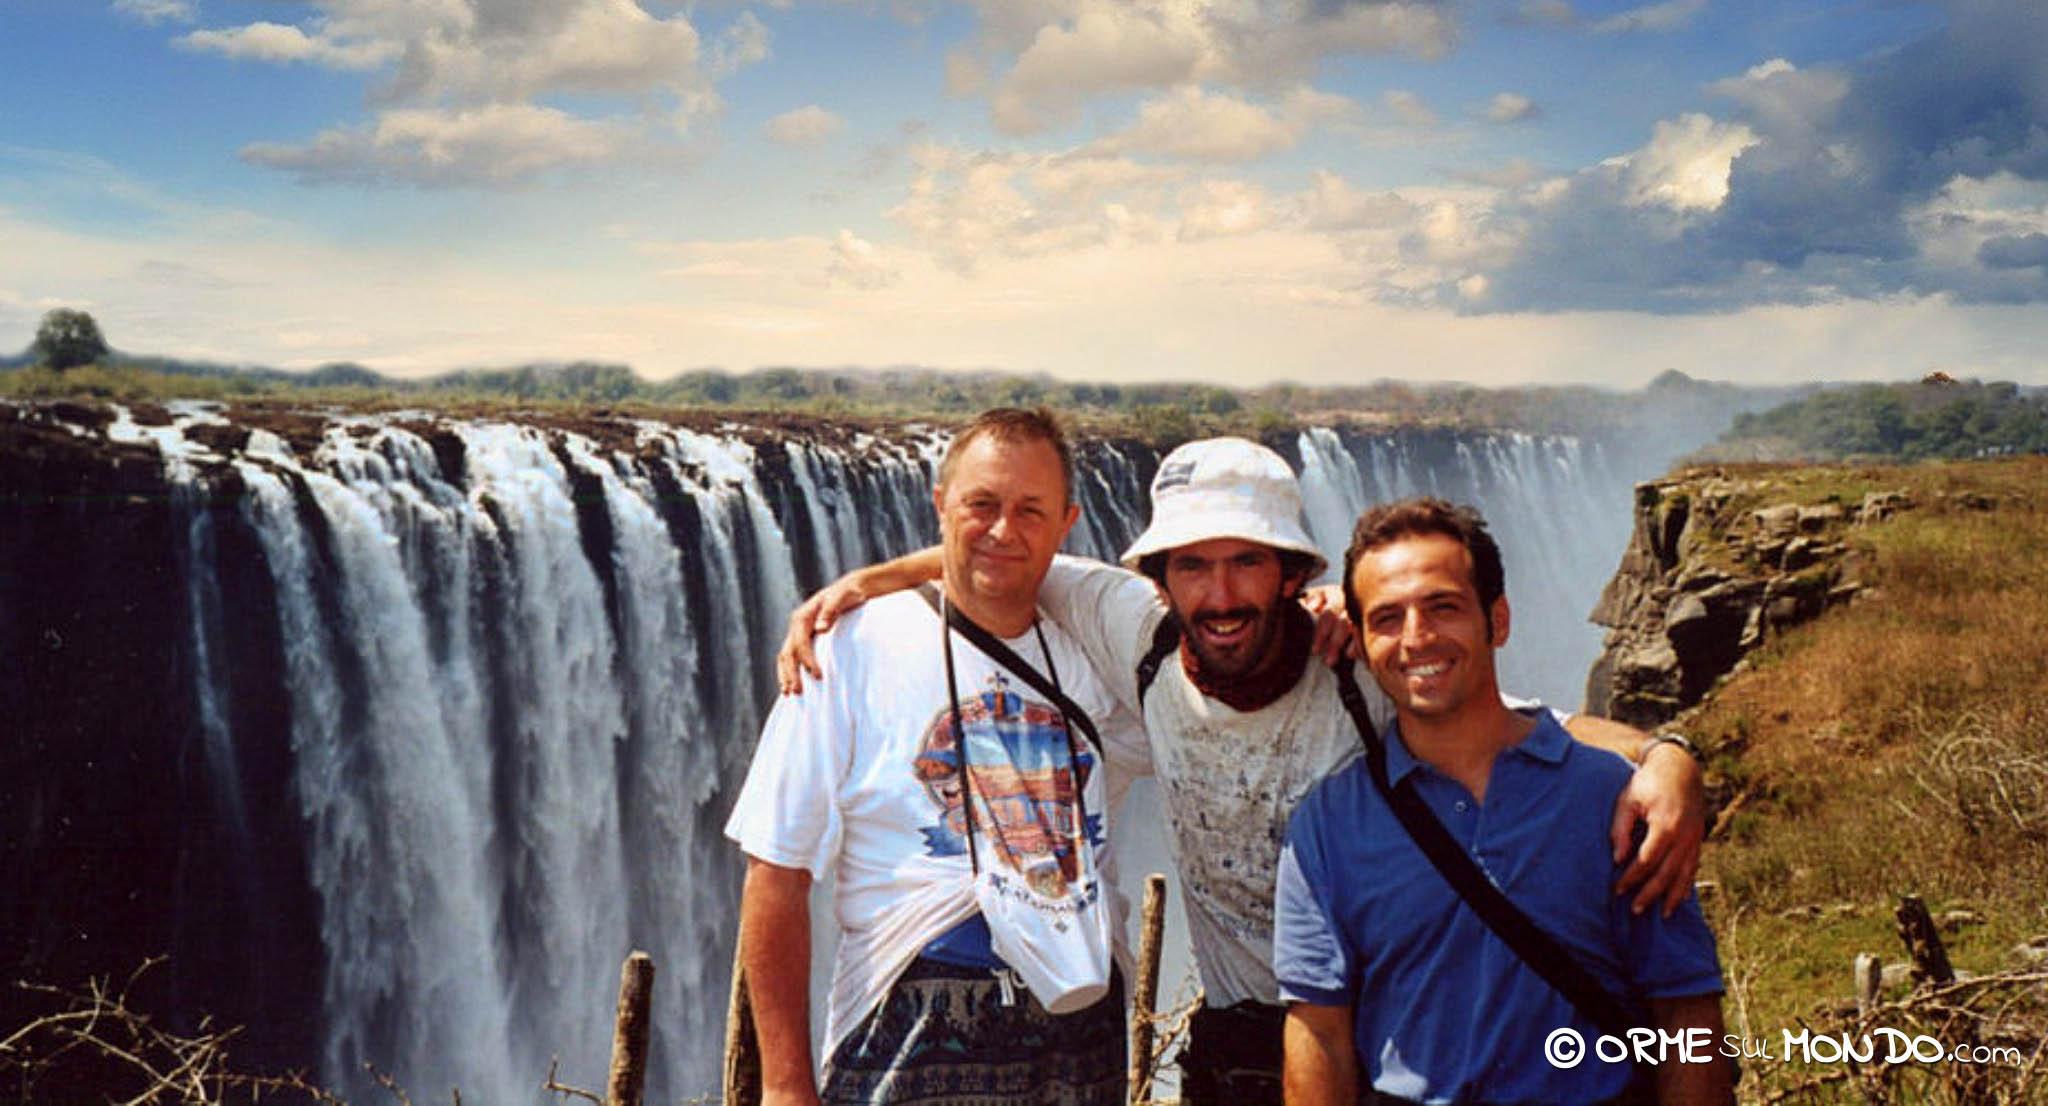 Davanti alle cascate Vittoria con Gianluca e Ugo